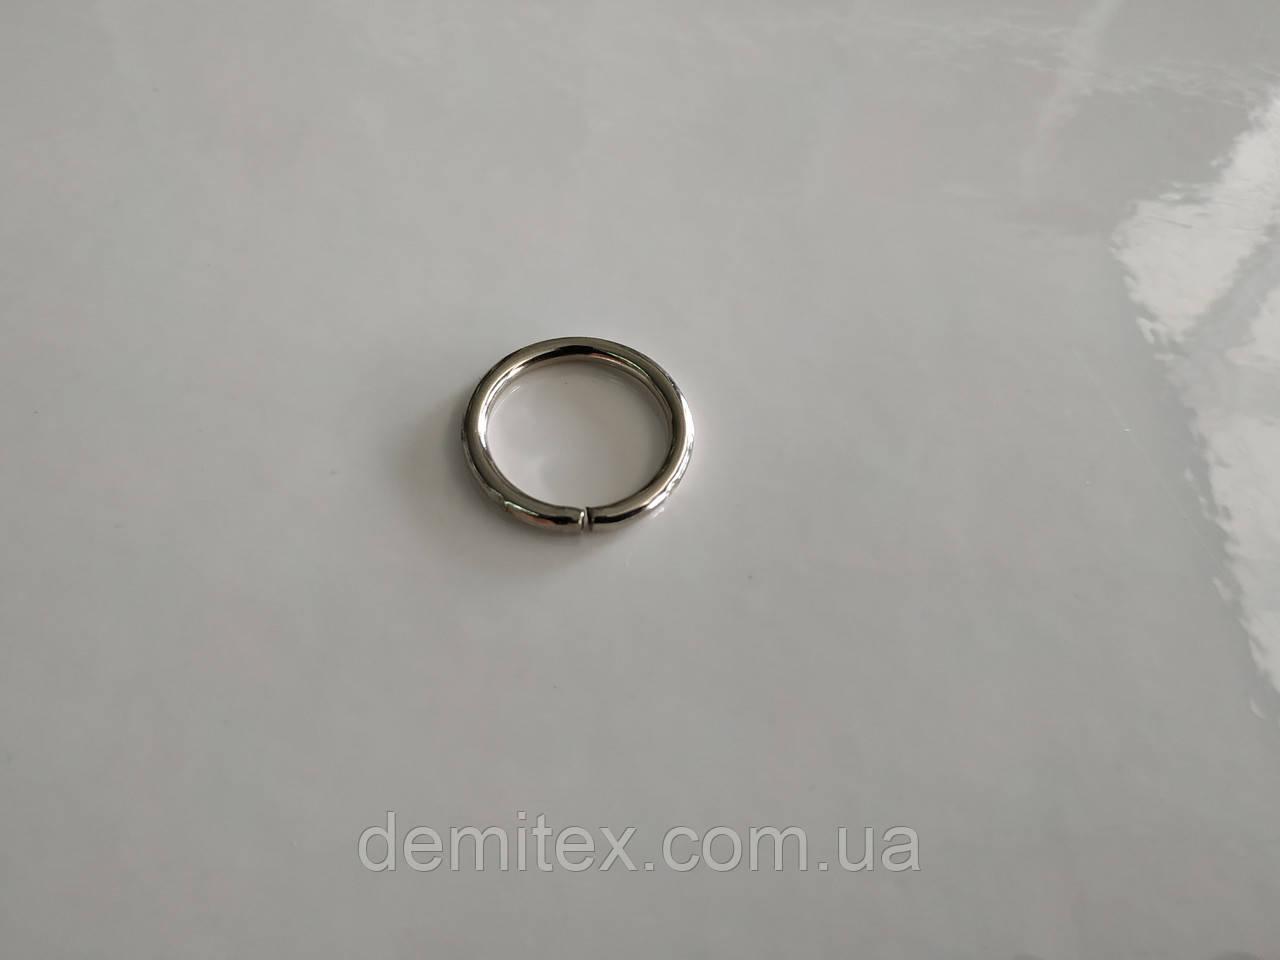 Кольцо никель 12х2мм